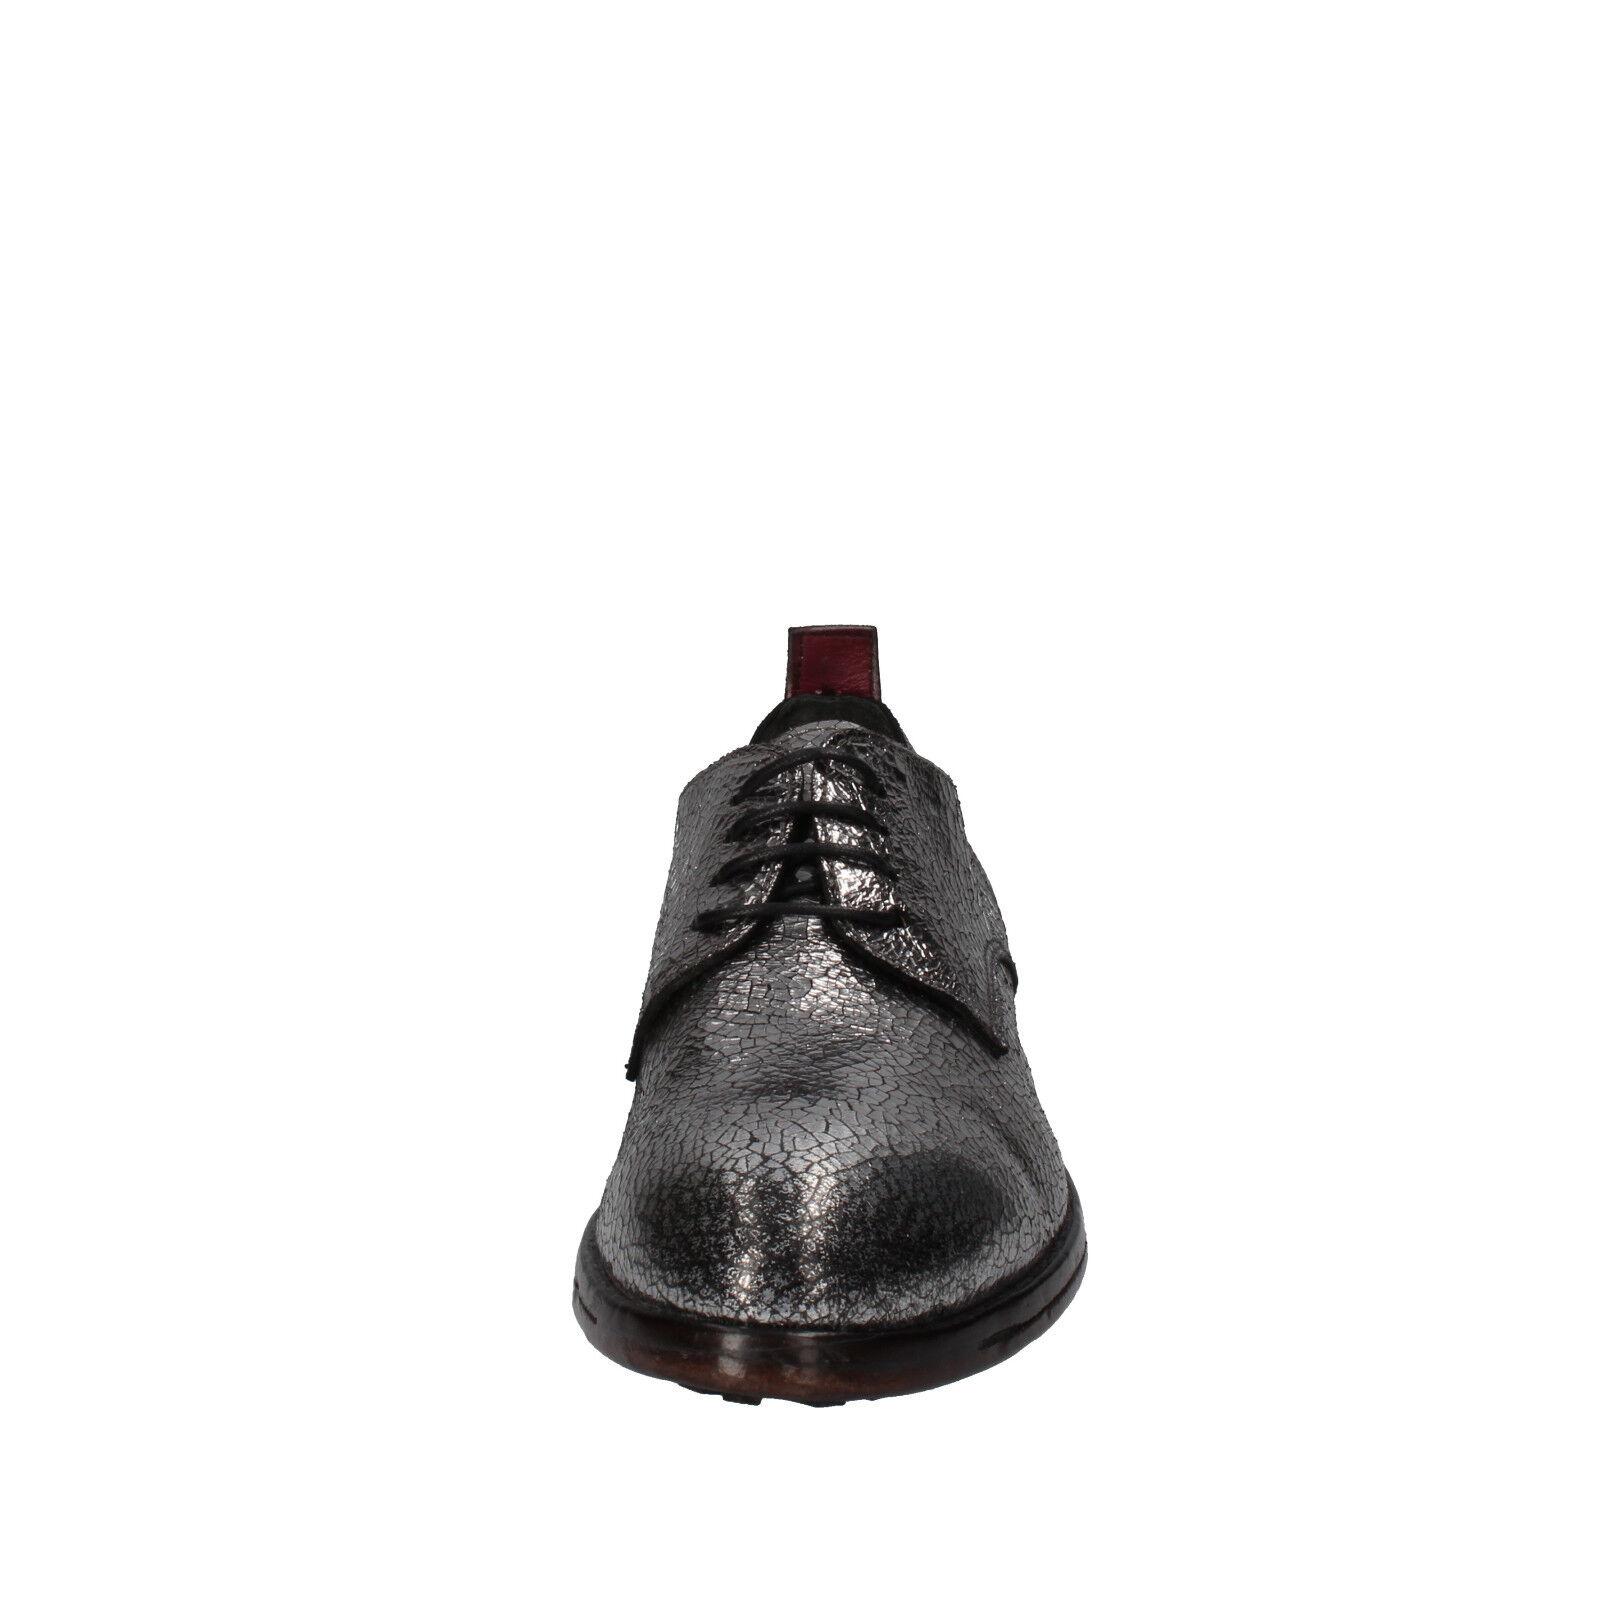 Scarpe Scarpe Scarpe donna MOMA 40 EU classiche argentoo pelle AE200-C | Qualità Affidabile  | Uomo/Donna Scarpa  033415